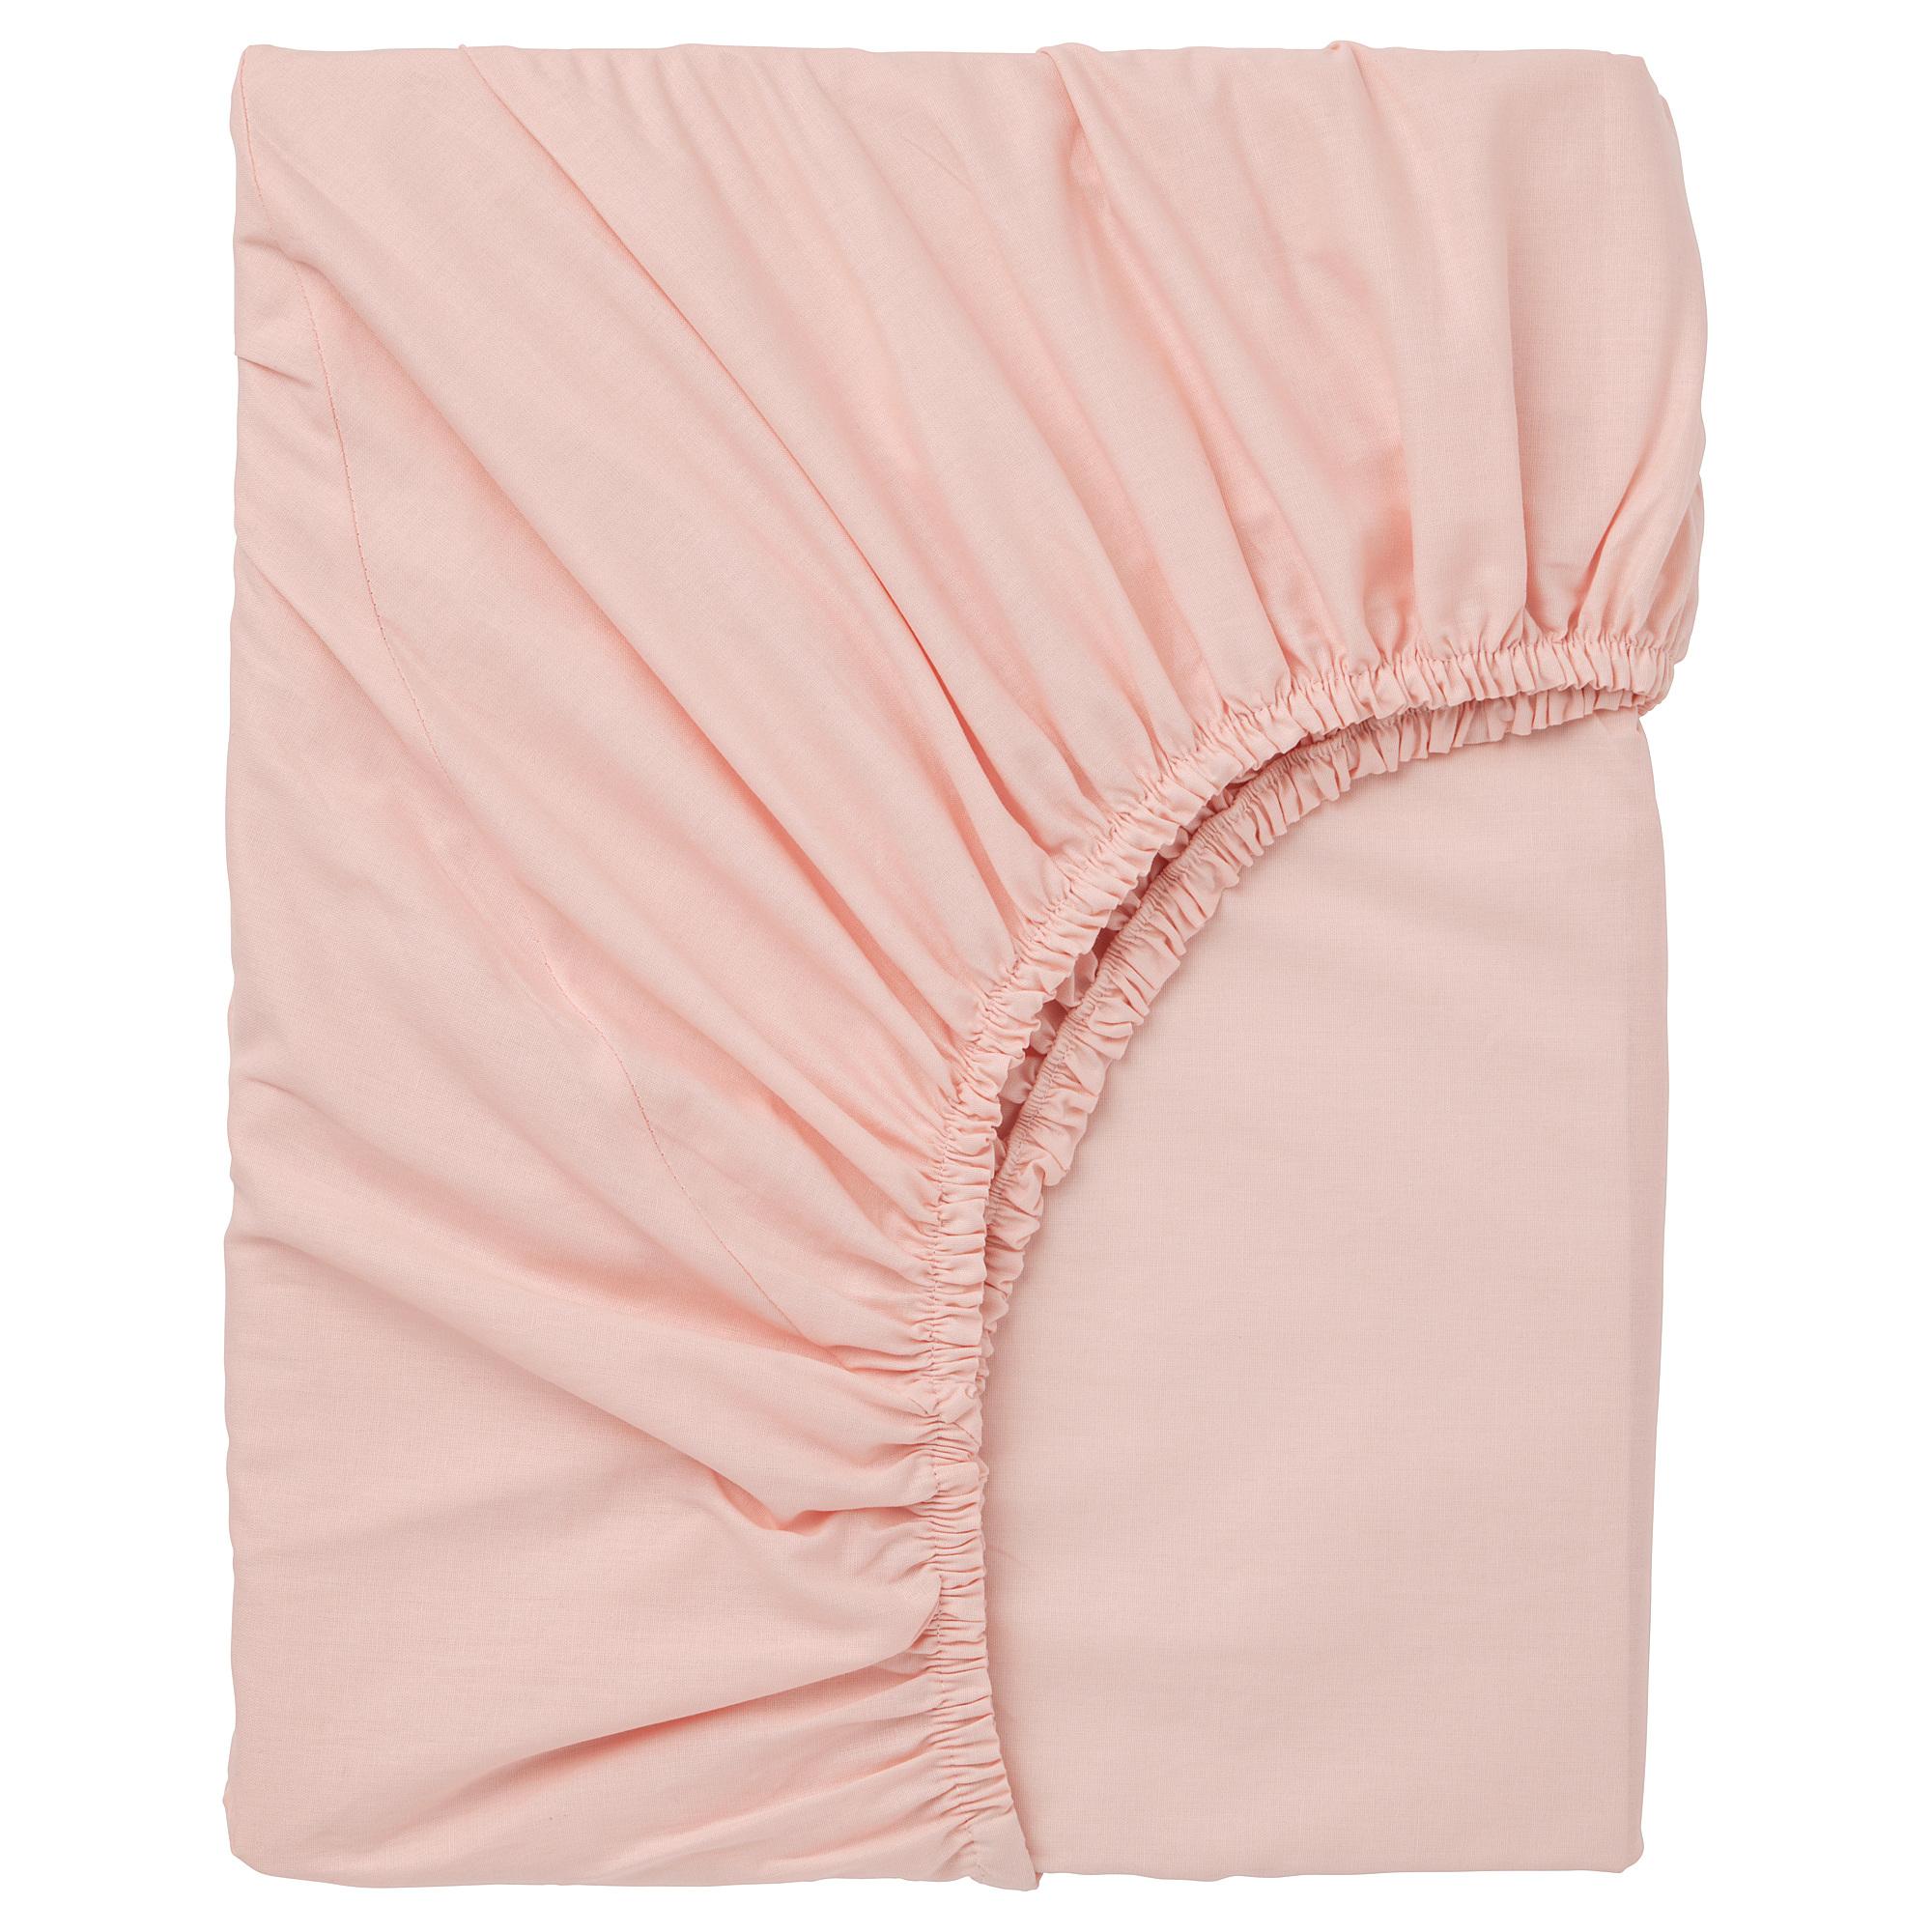 床包, , 150x200 公分, 淺粉紅色, 另有其他顏色可選擇